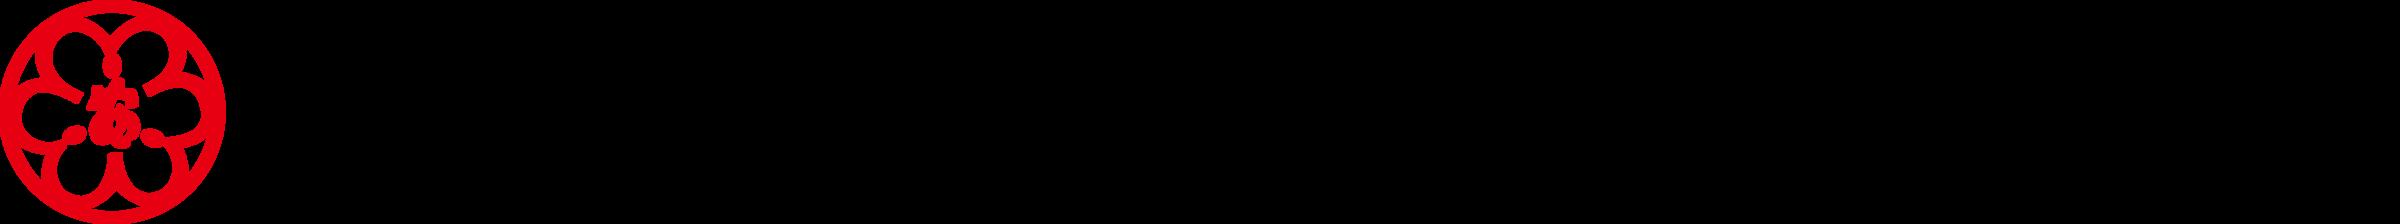 株式会社安田物産